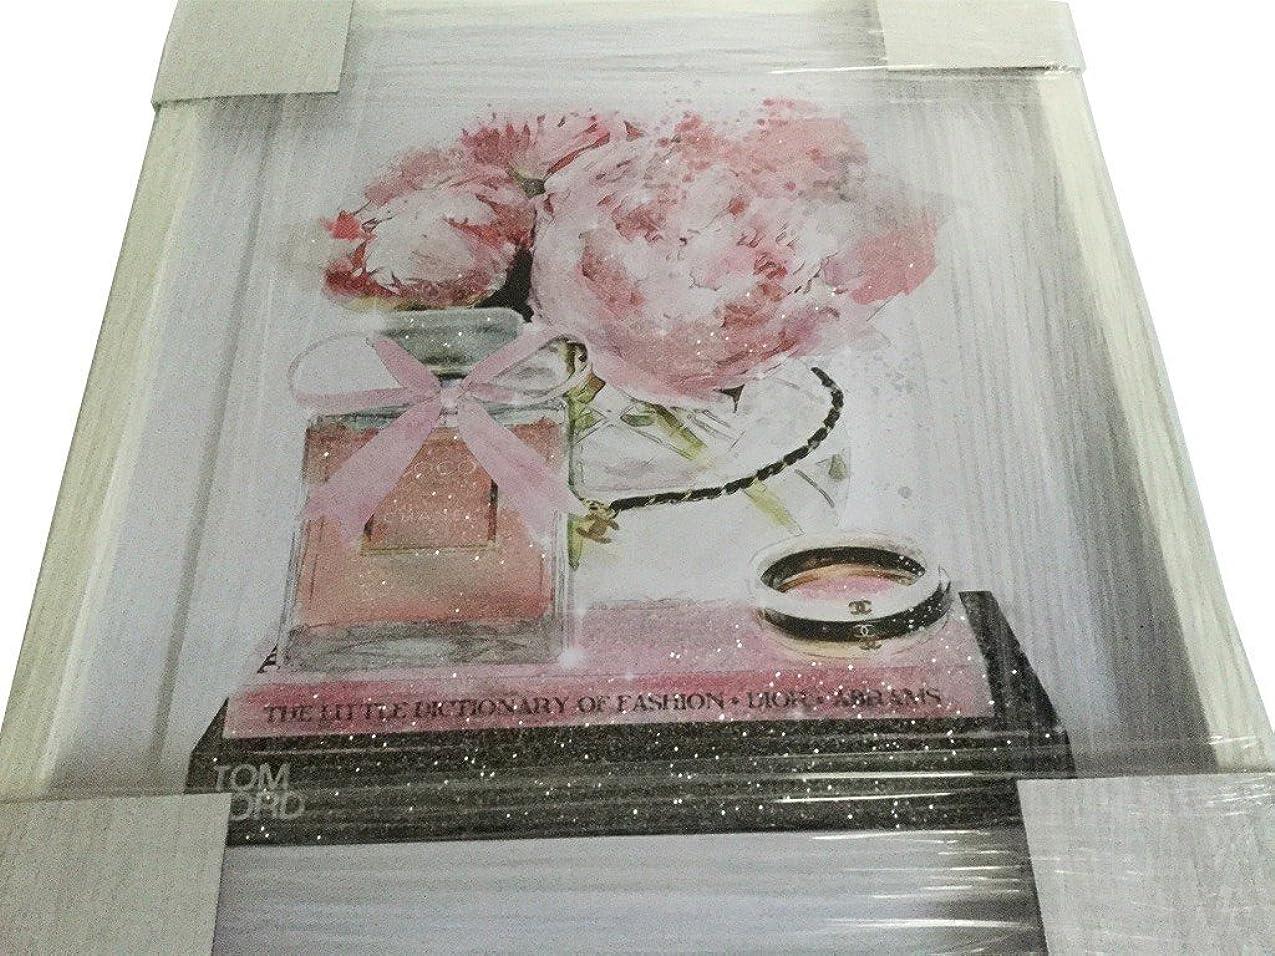 最終マリン悲しいことにOliver Gal O83 Elegant Perfume and Morning CHANEL スワロフスキー (17×20インチ:43.18×50.8cm)